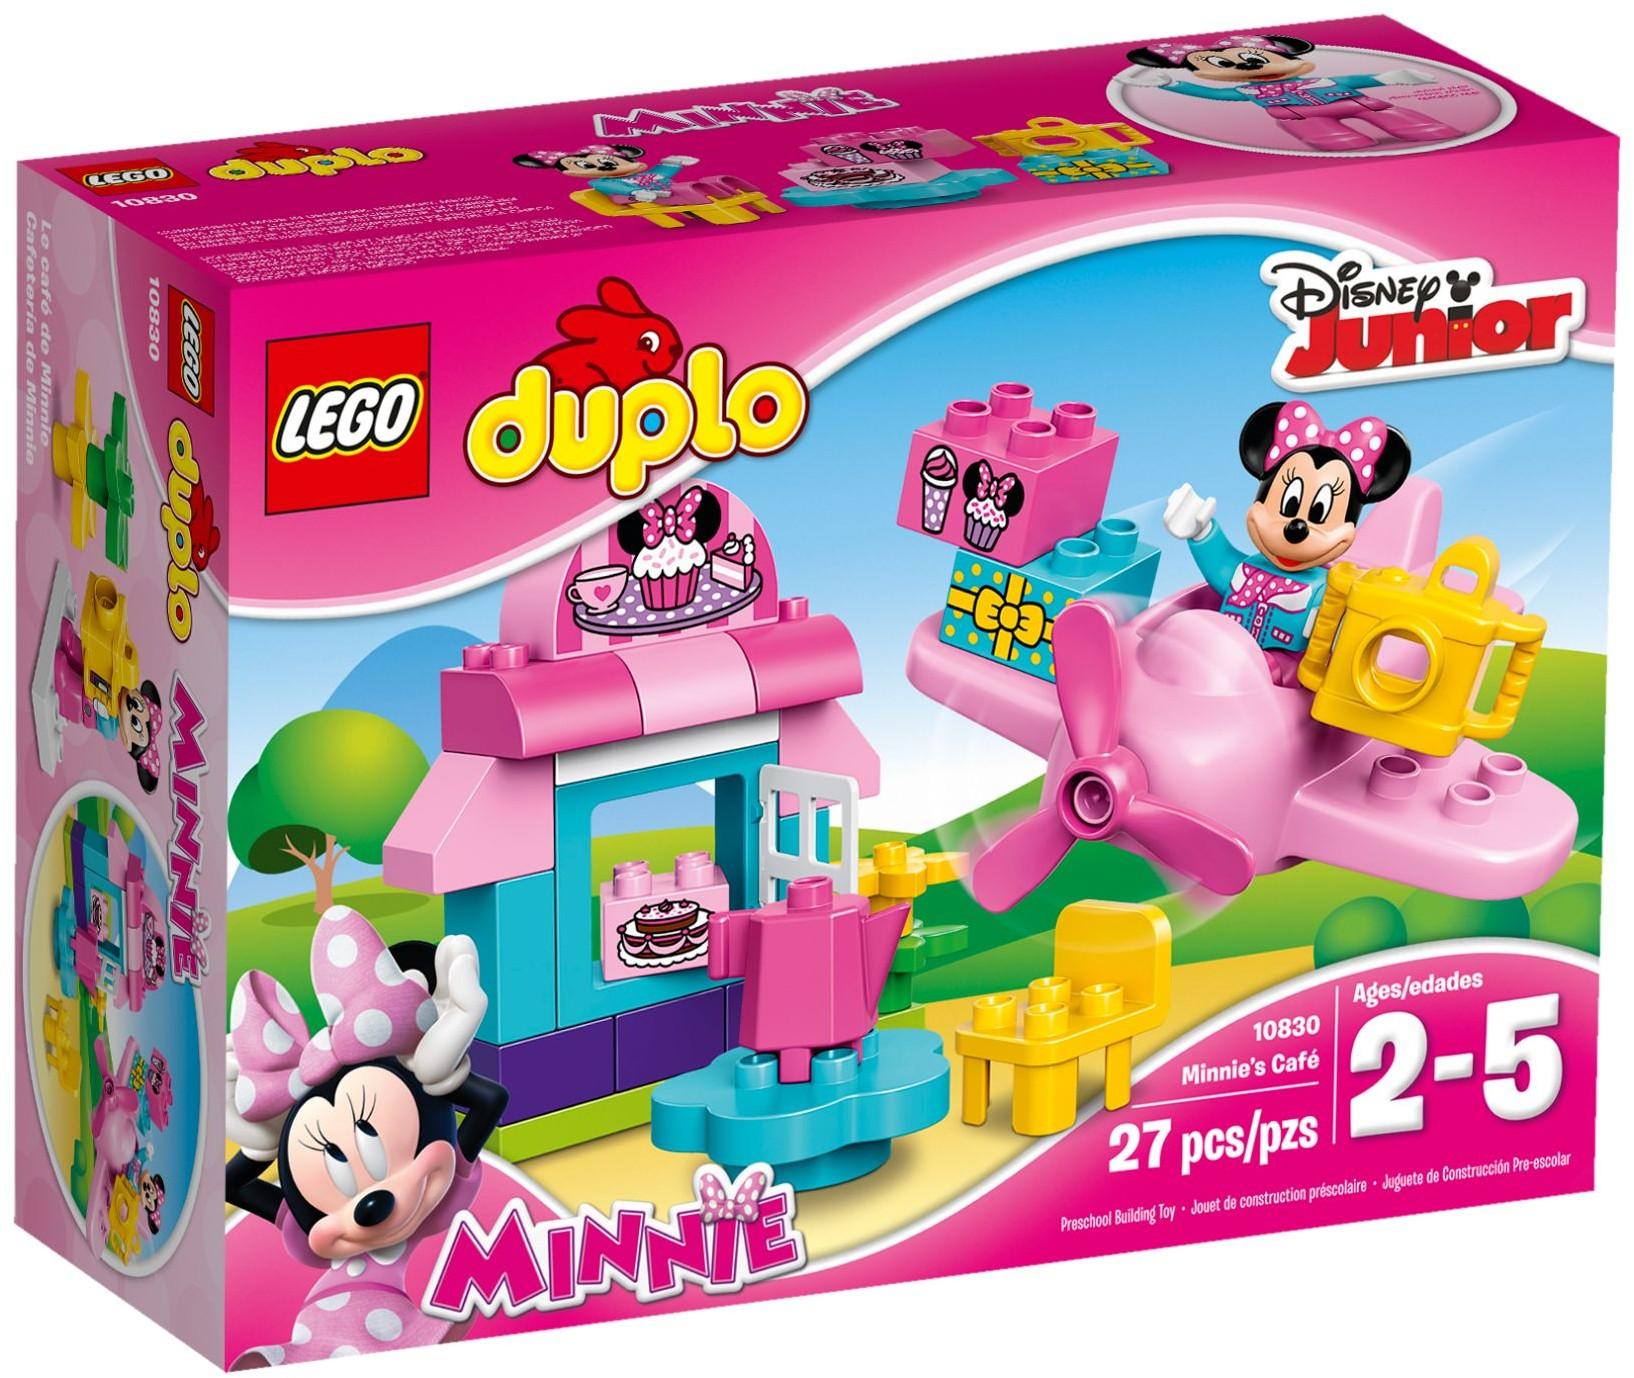 LEGO # 10830 DUPLO  Minnie's Caf